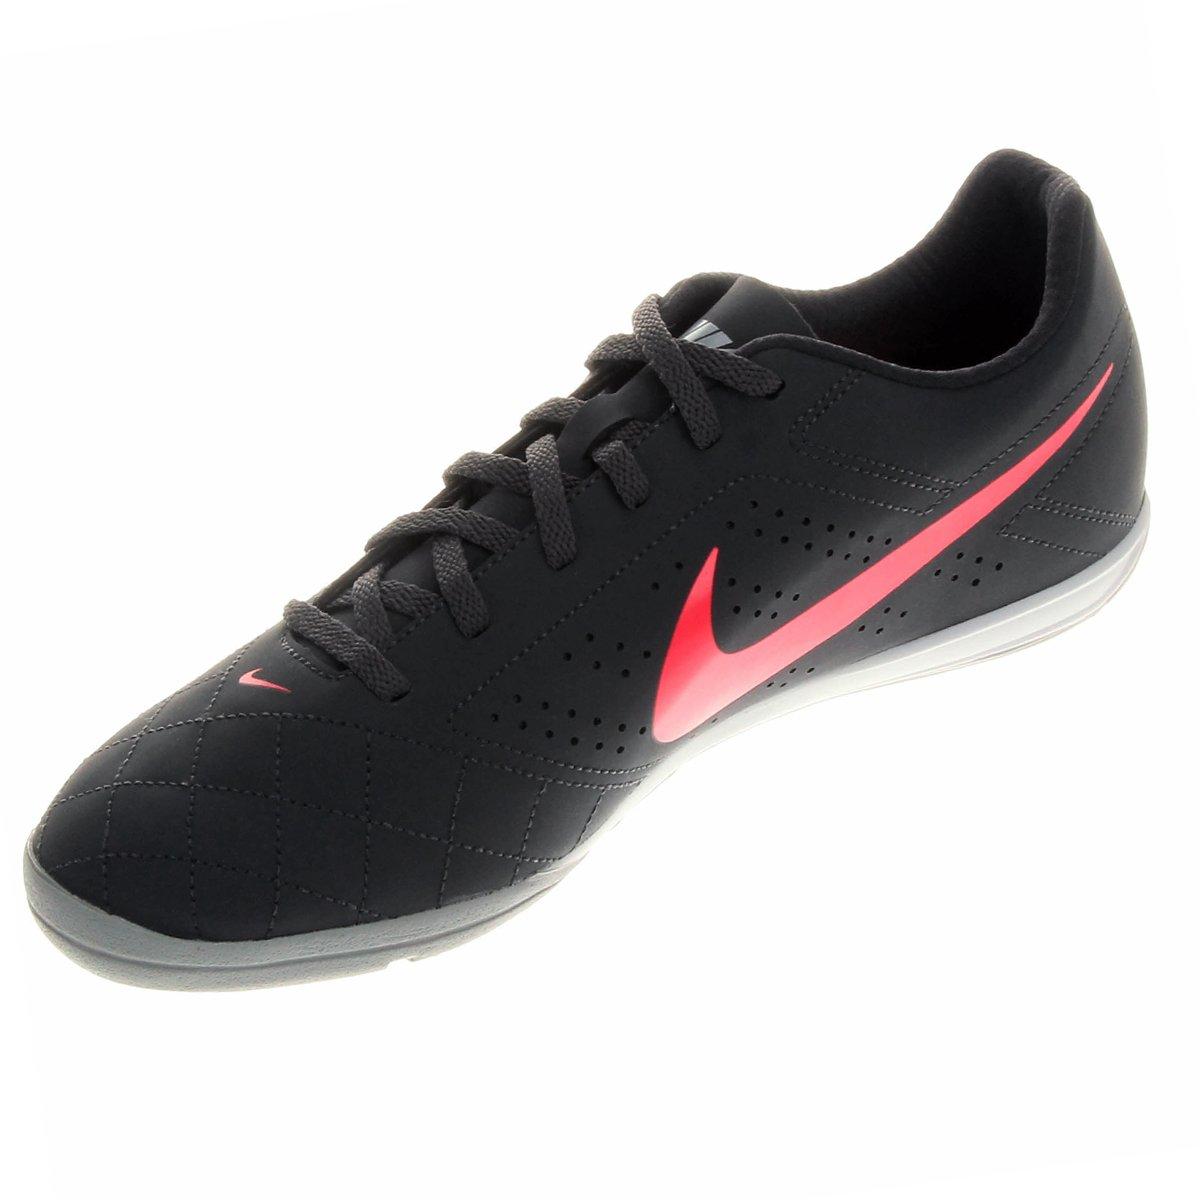 1155ab6003 Chuteira Futsal Nike Beco 2 Futsal - Chumbo e Rosa - Compre Agora ...